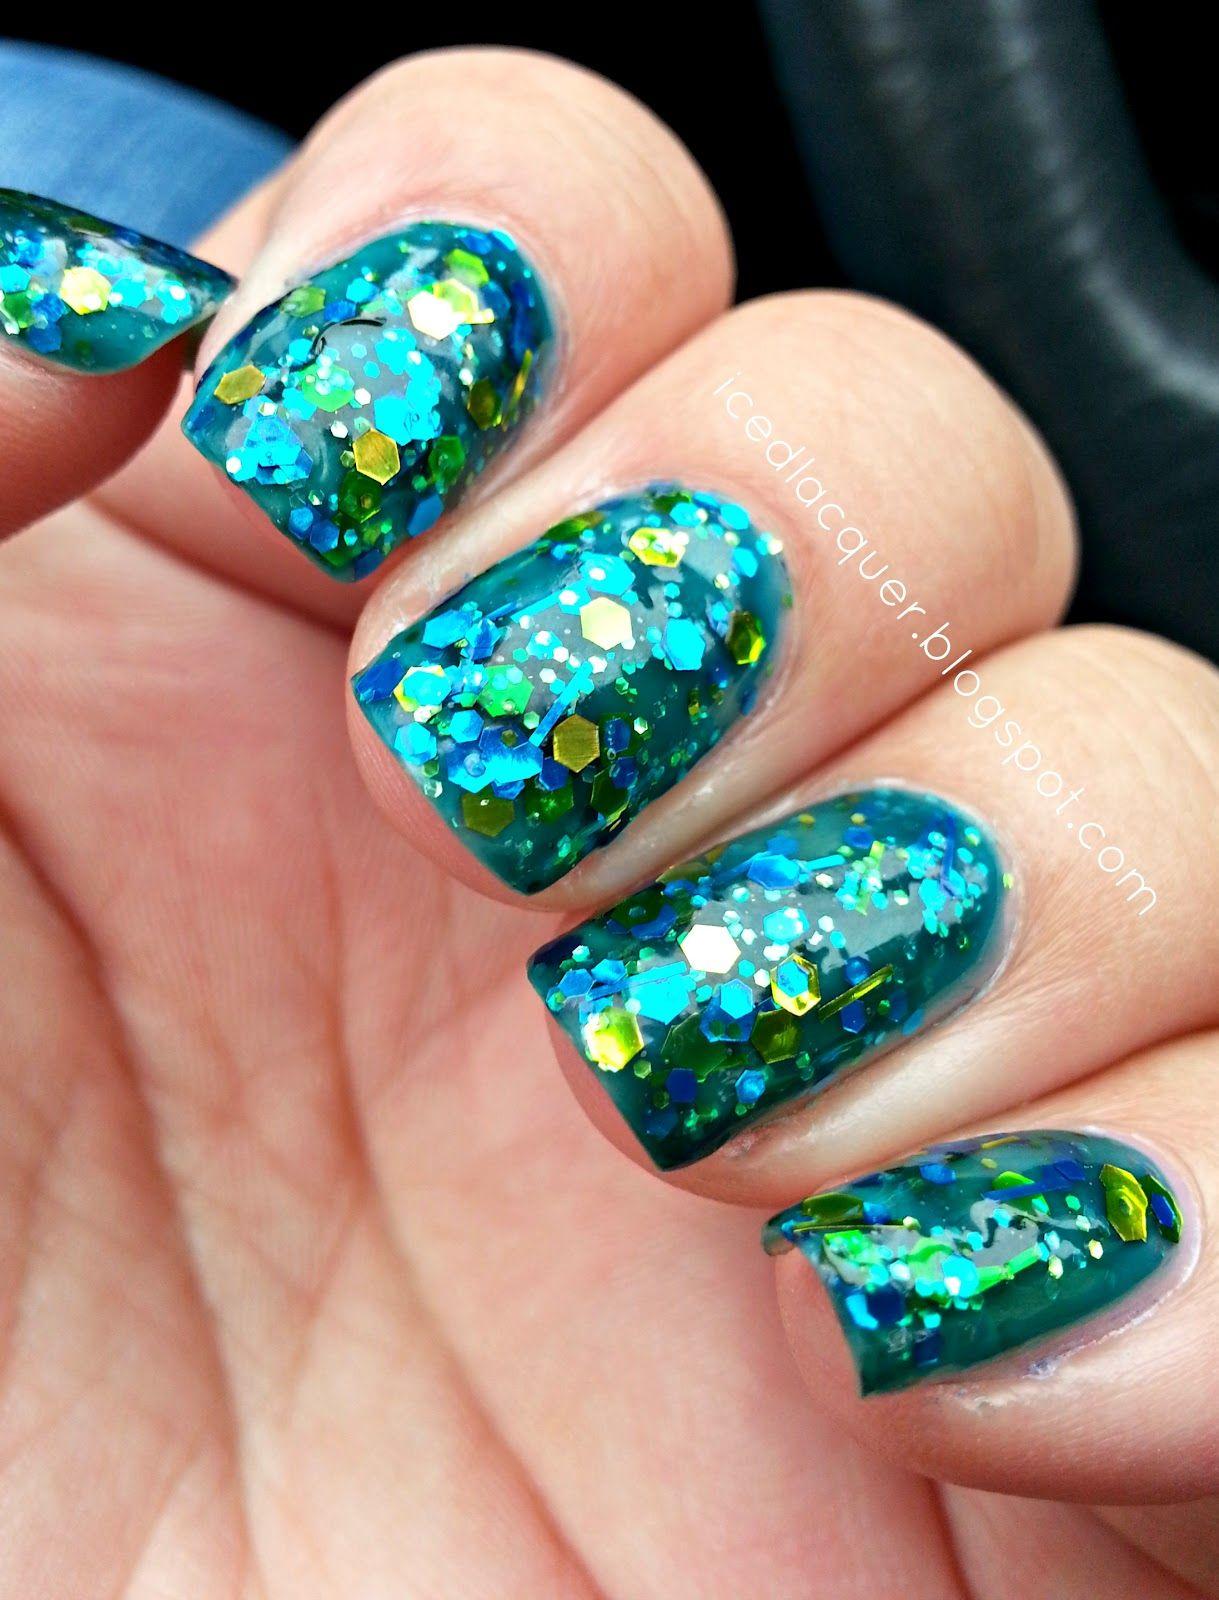 cool nails | Creative nails, Cool nail designs, Nails